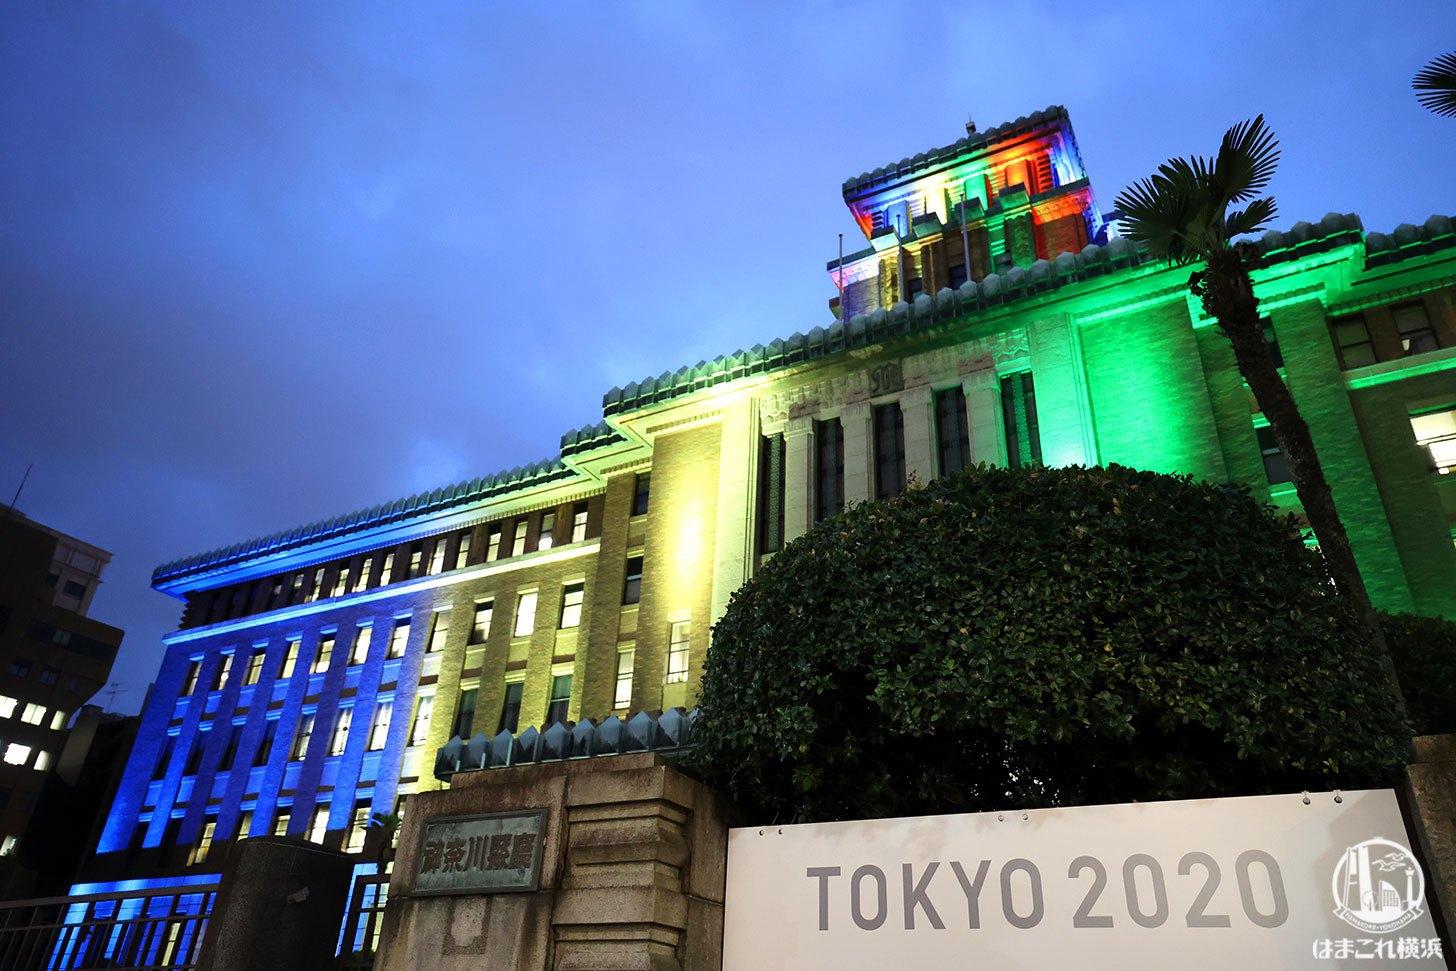 神奈川県庁(キング)が東京2020オリンピック仕様にライトアップ!記念に撮ってみた